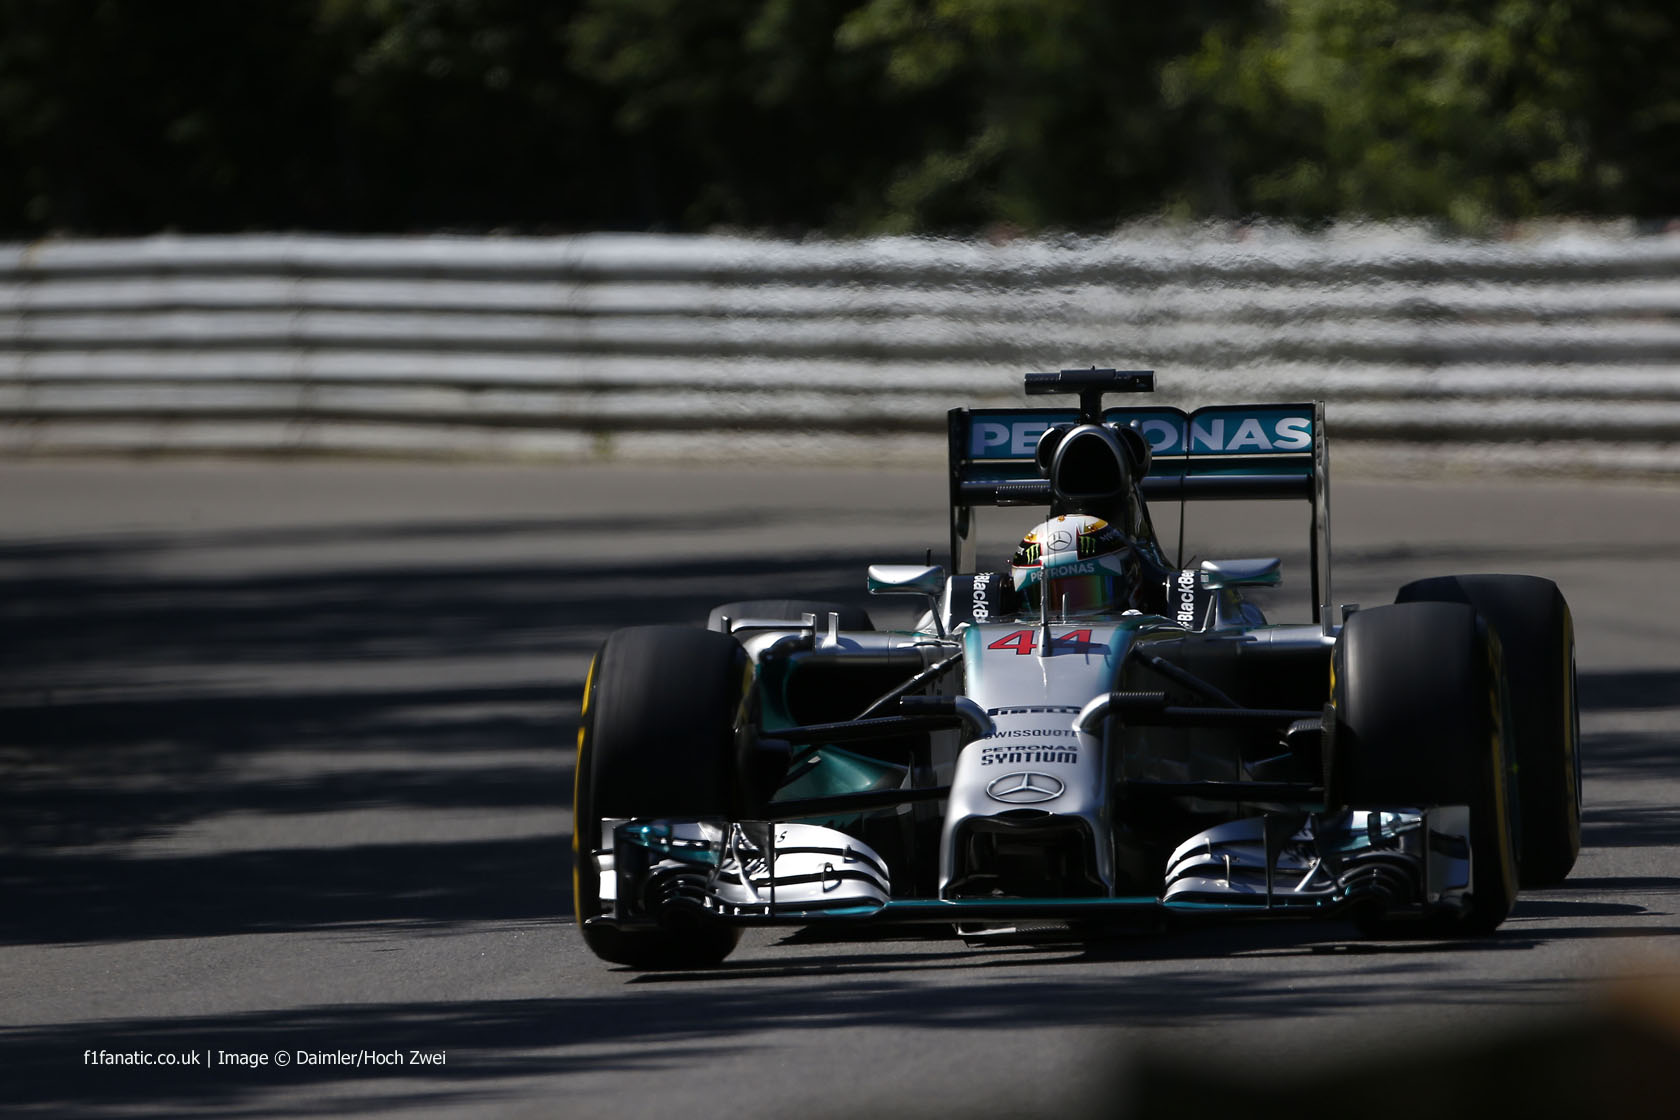 Lewis Hamilton, Mercedes, Circuit Gilles Villeneuve, 2014